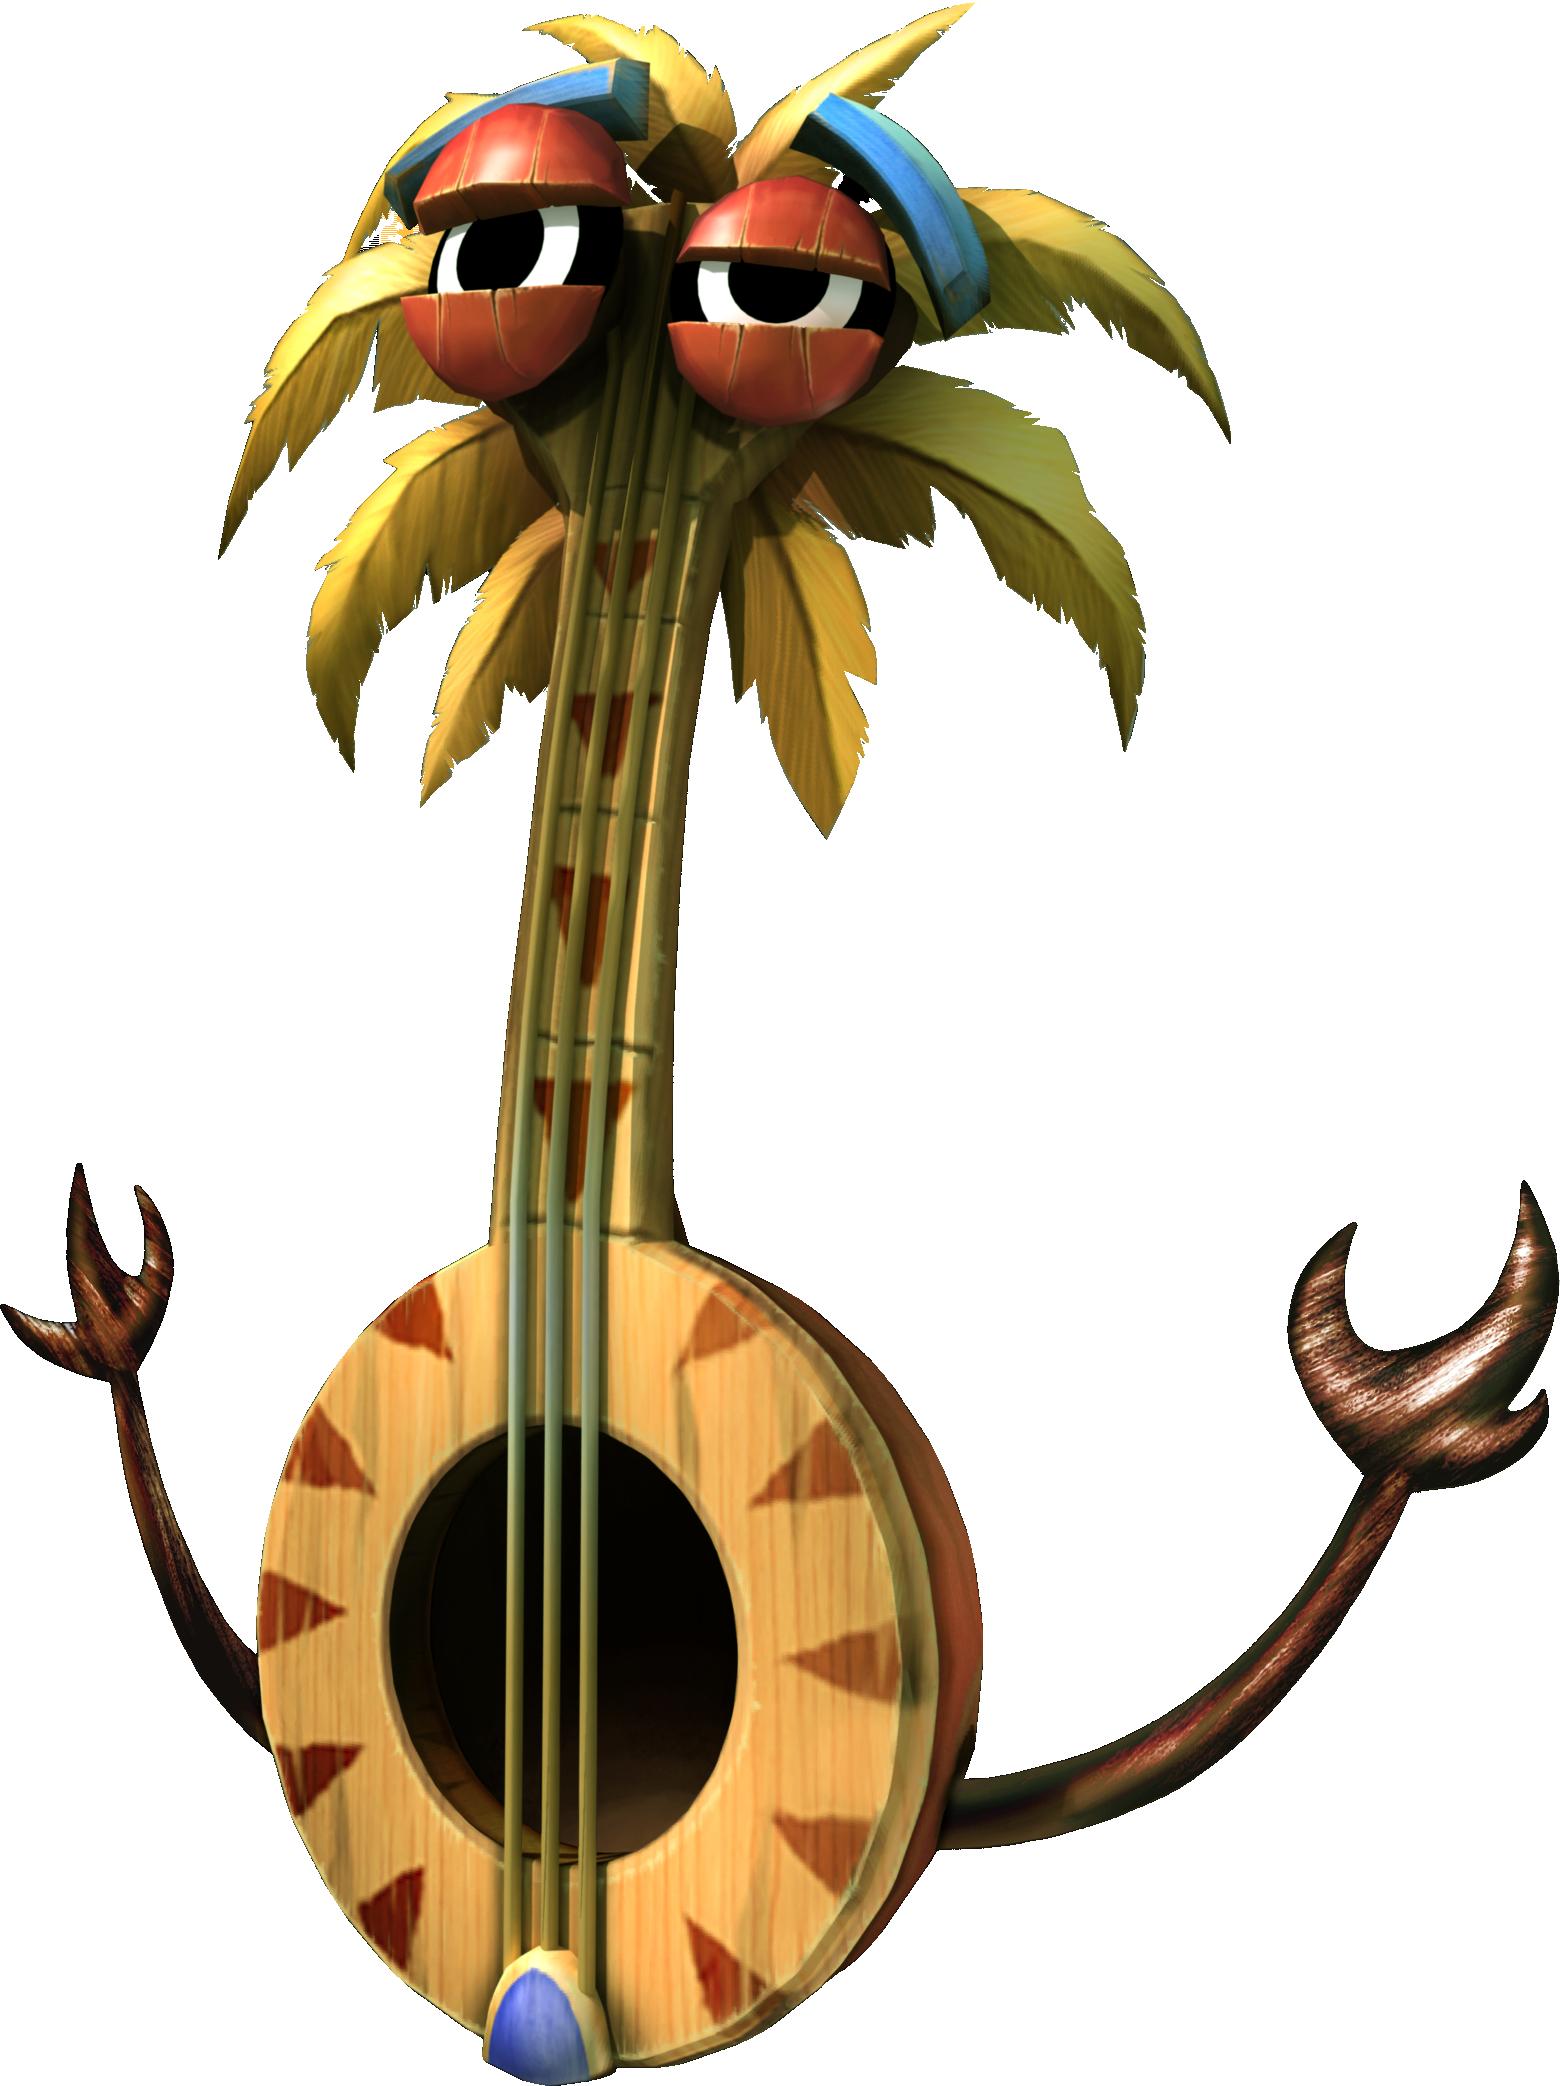 1560x2086 Banjo Ukulele Donkey Kong Wiki Fandom Powered By Wikia